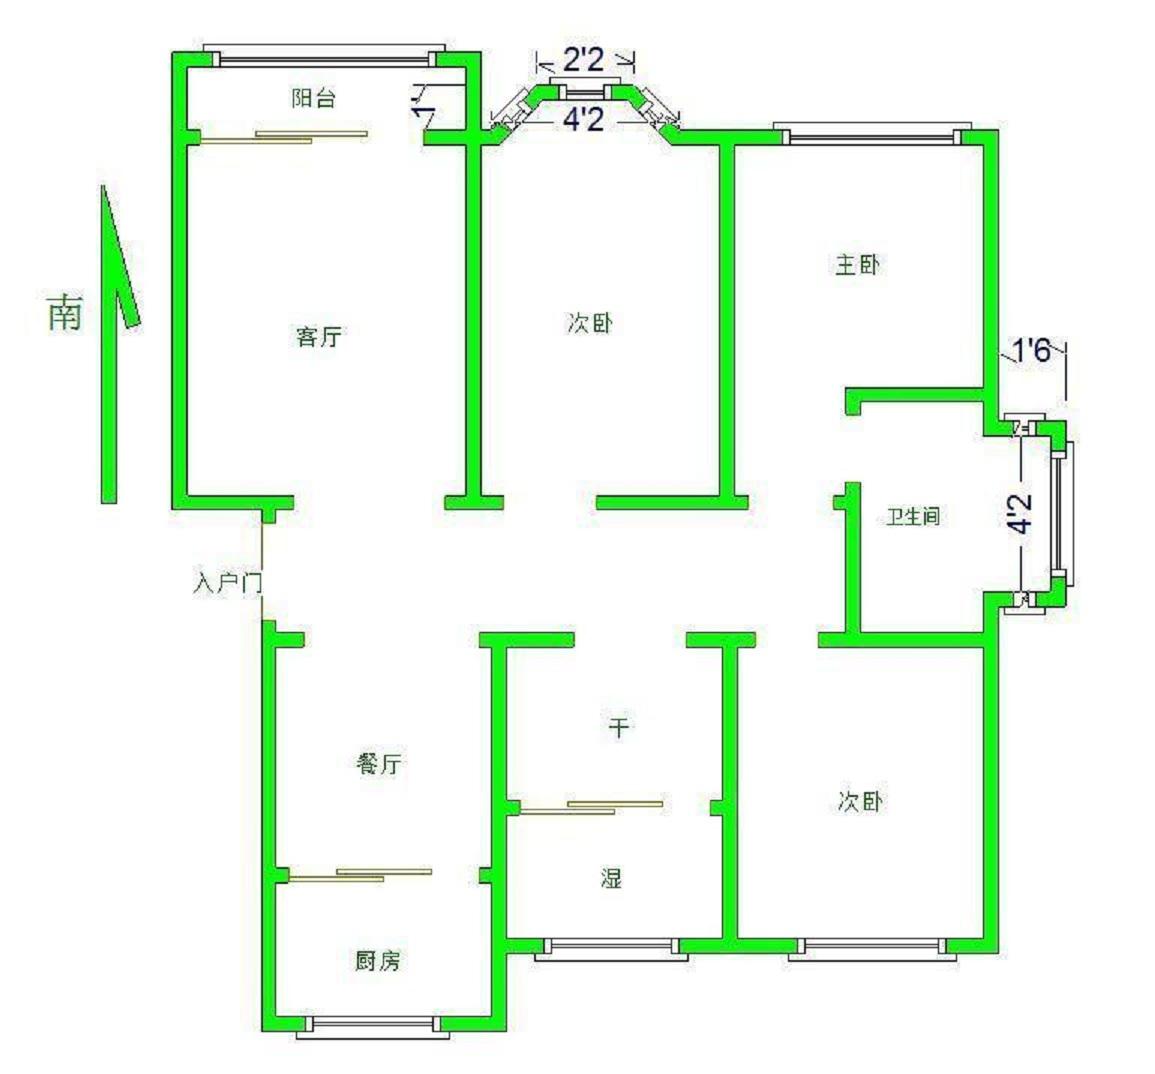 安然居宿舍 3室2厅 双证齐全过五年 简装 170万